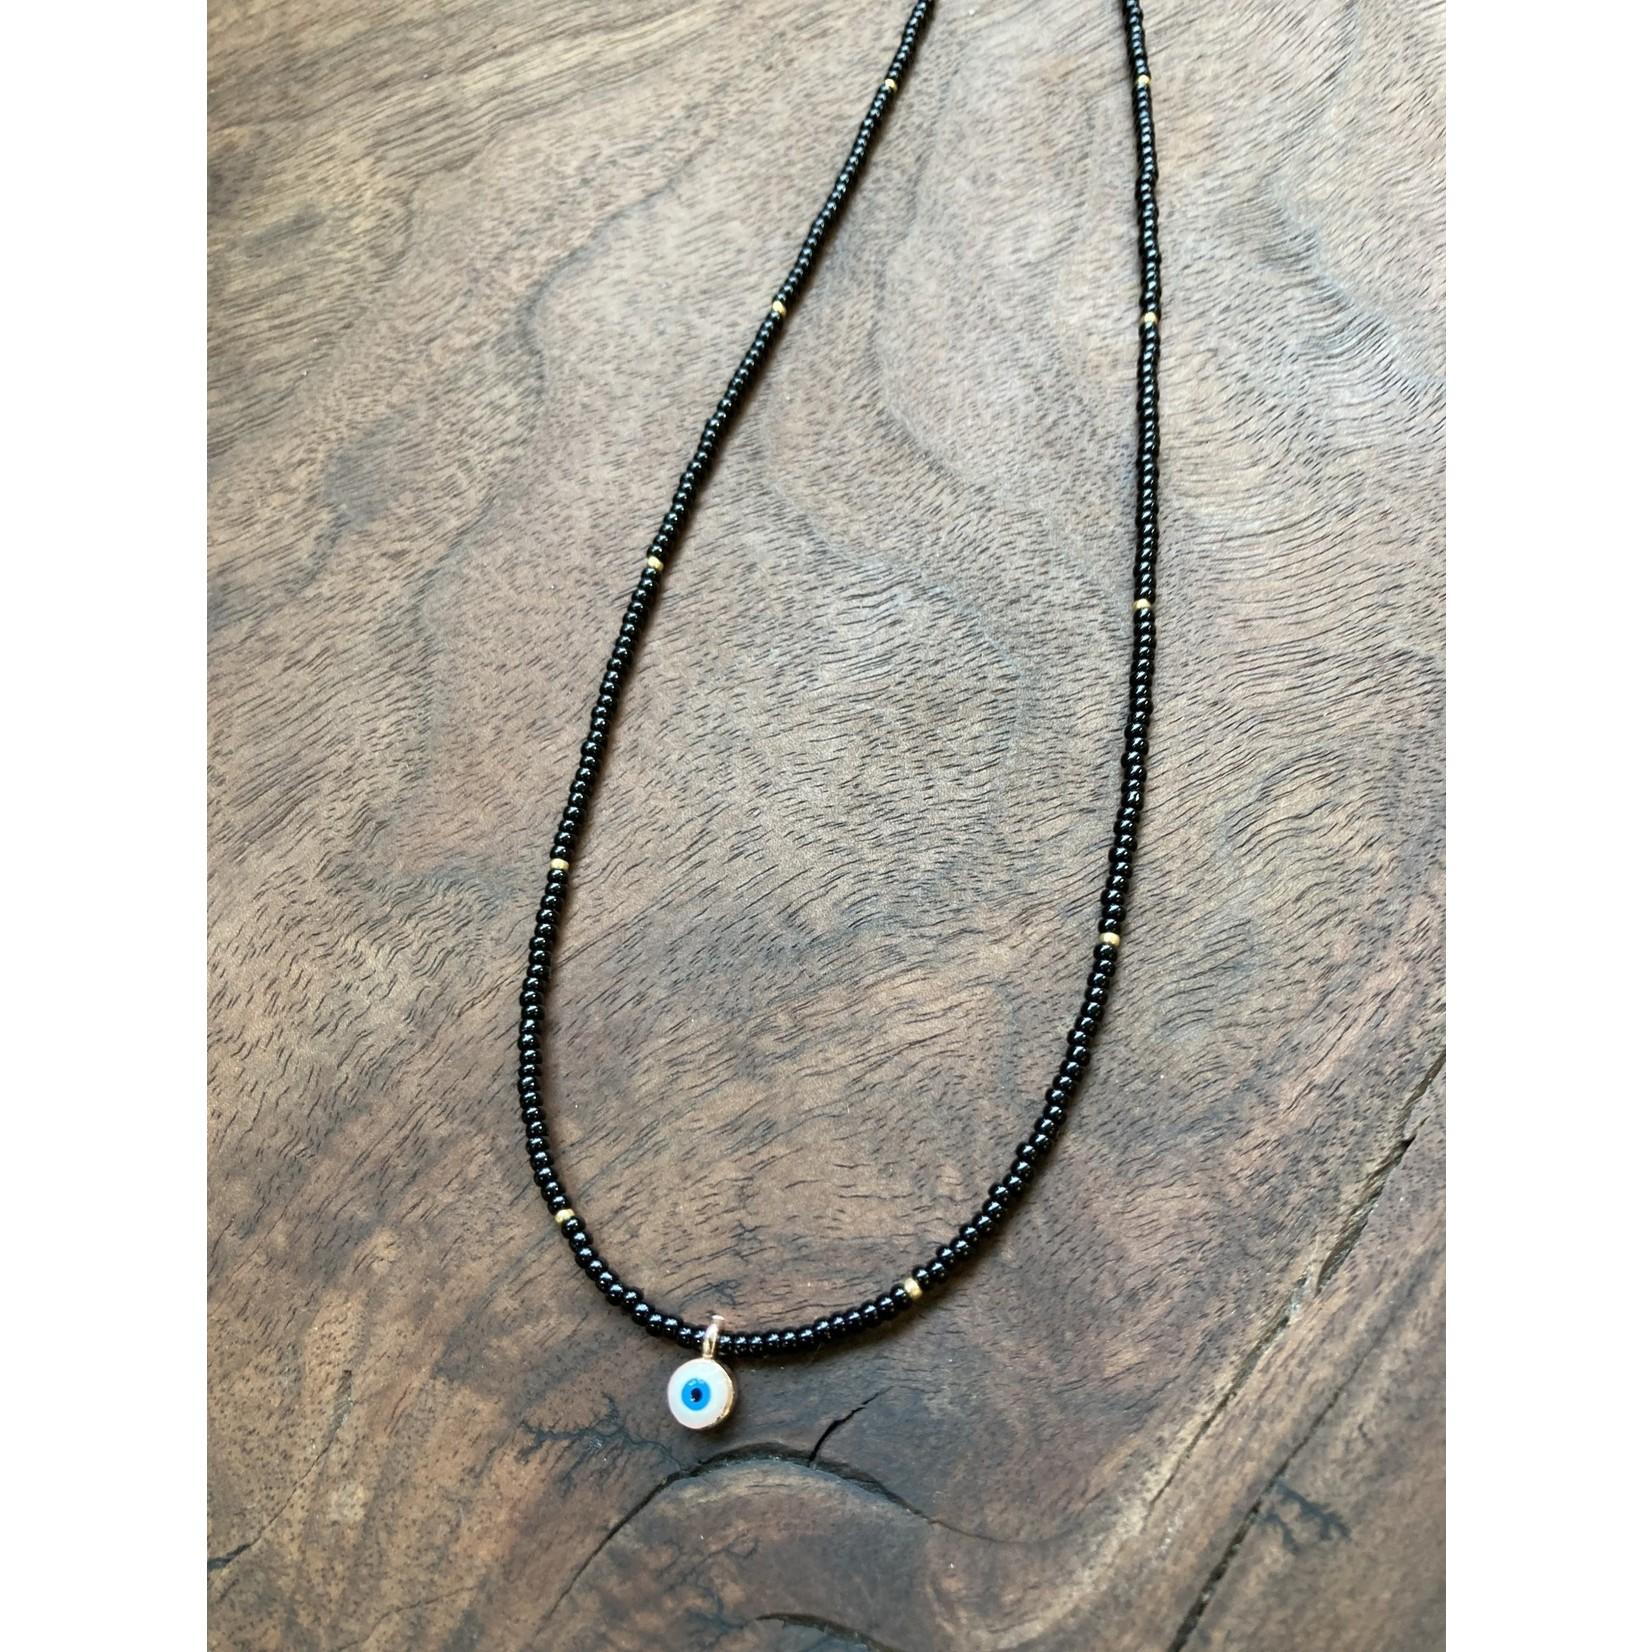 Maureen Oehrle Maureen Oehrle | N36 Black Seed Beads with tiny white evil eye Pendant